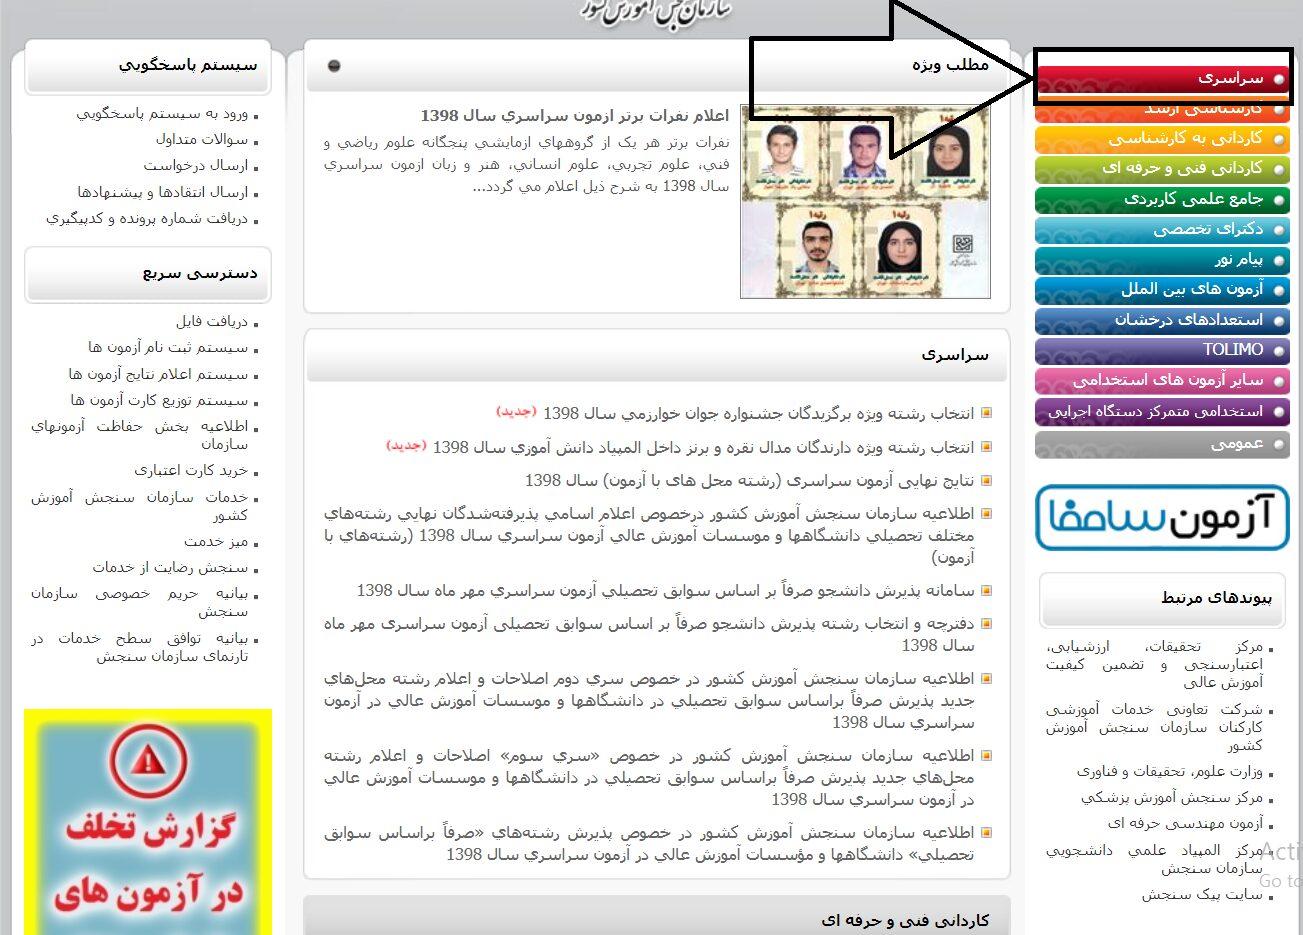 دانلود دفترچه ثبت نام تکمیل ظرفیت دانشگاه فرهنگیان بهمن 98 کنکور سراسری 98